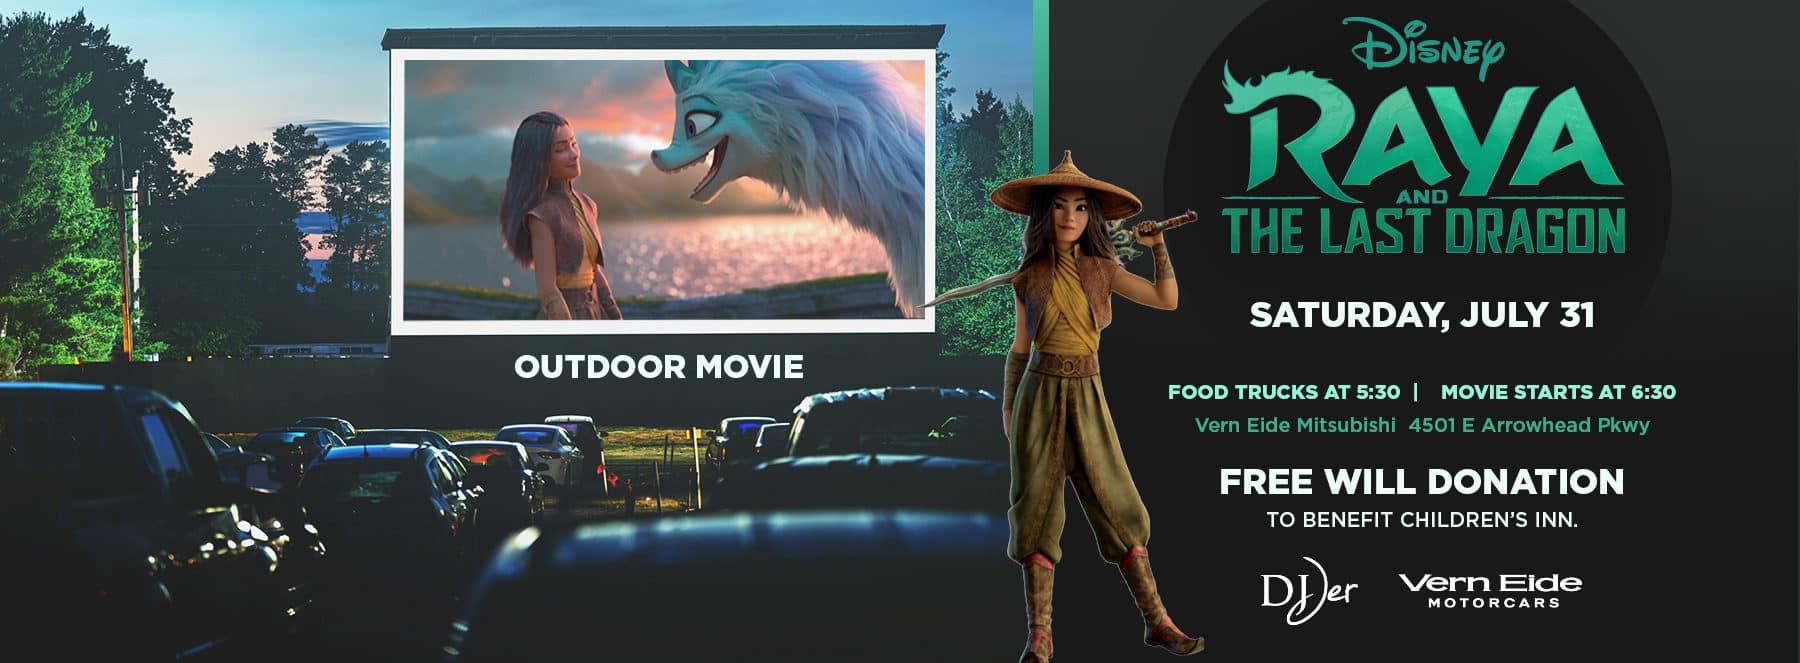 VEG21-006_MovieNight_v2_DesktopSlider_Honda